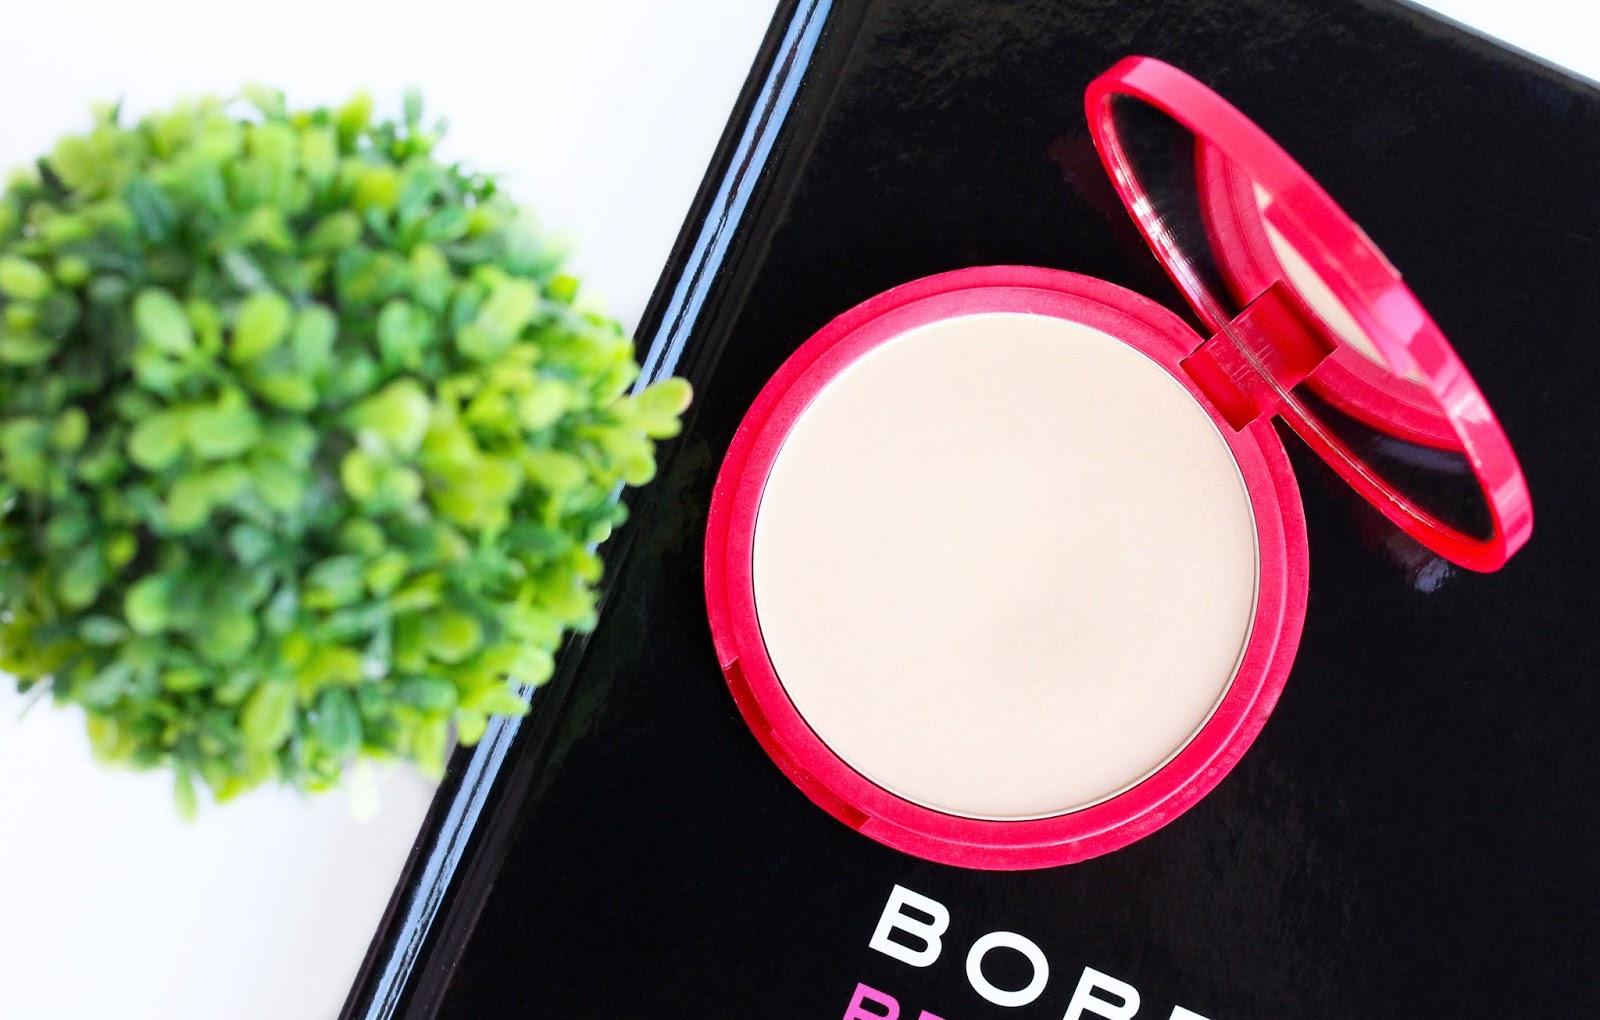 Bourjois Healthy Balance Powder